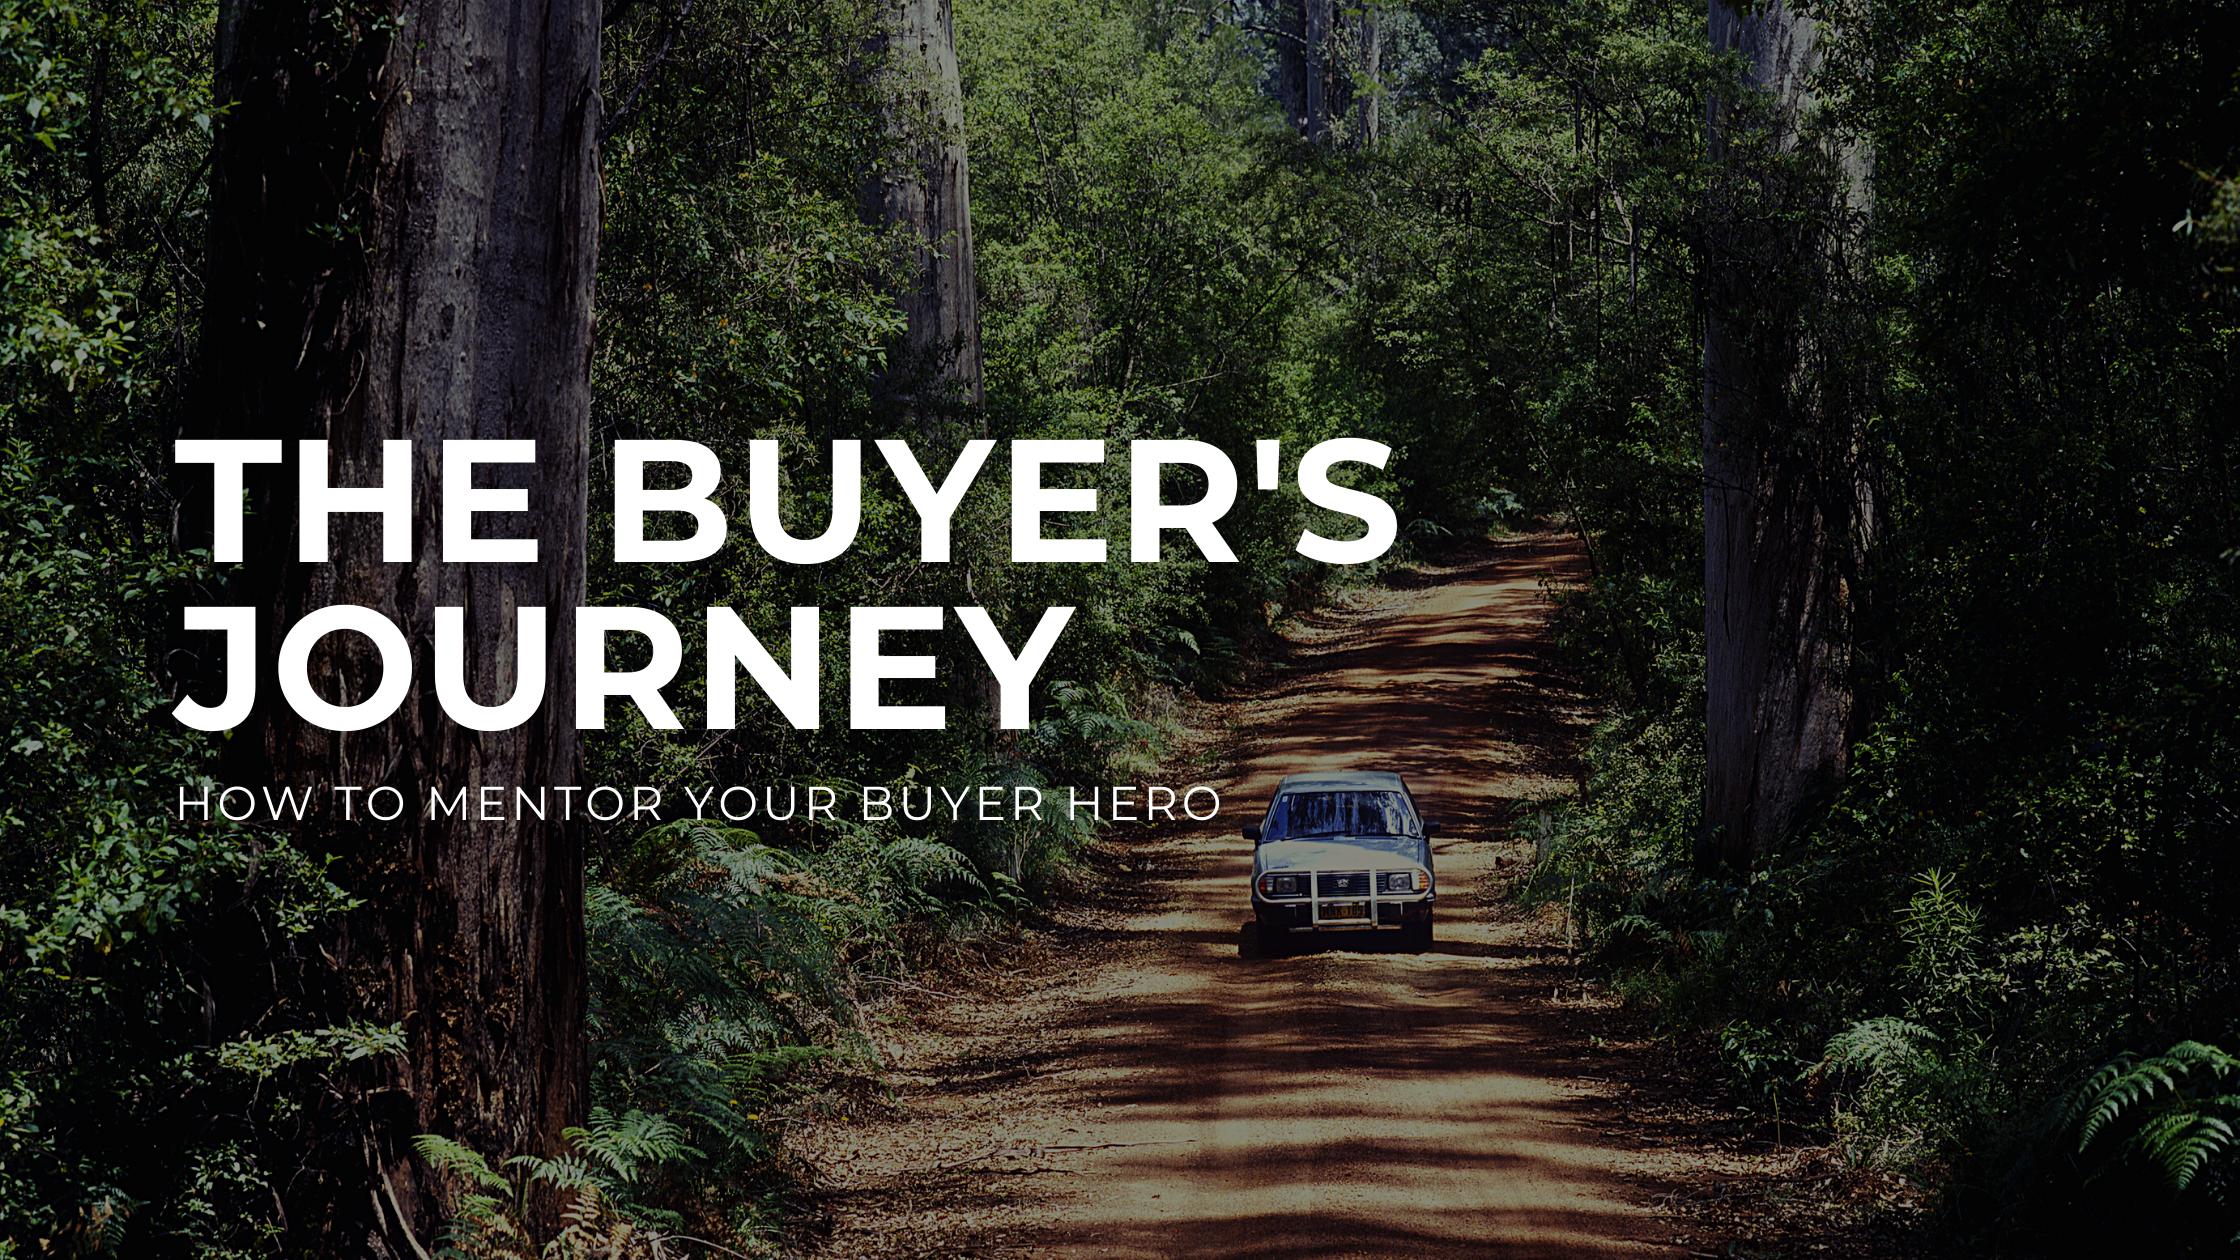 The Buyer's Journey: How to Mentor the Buyer Hero